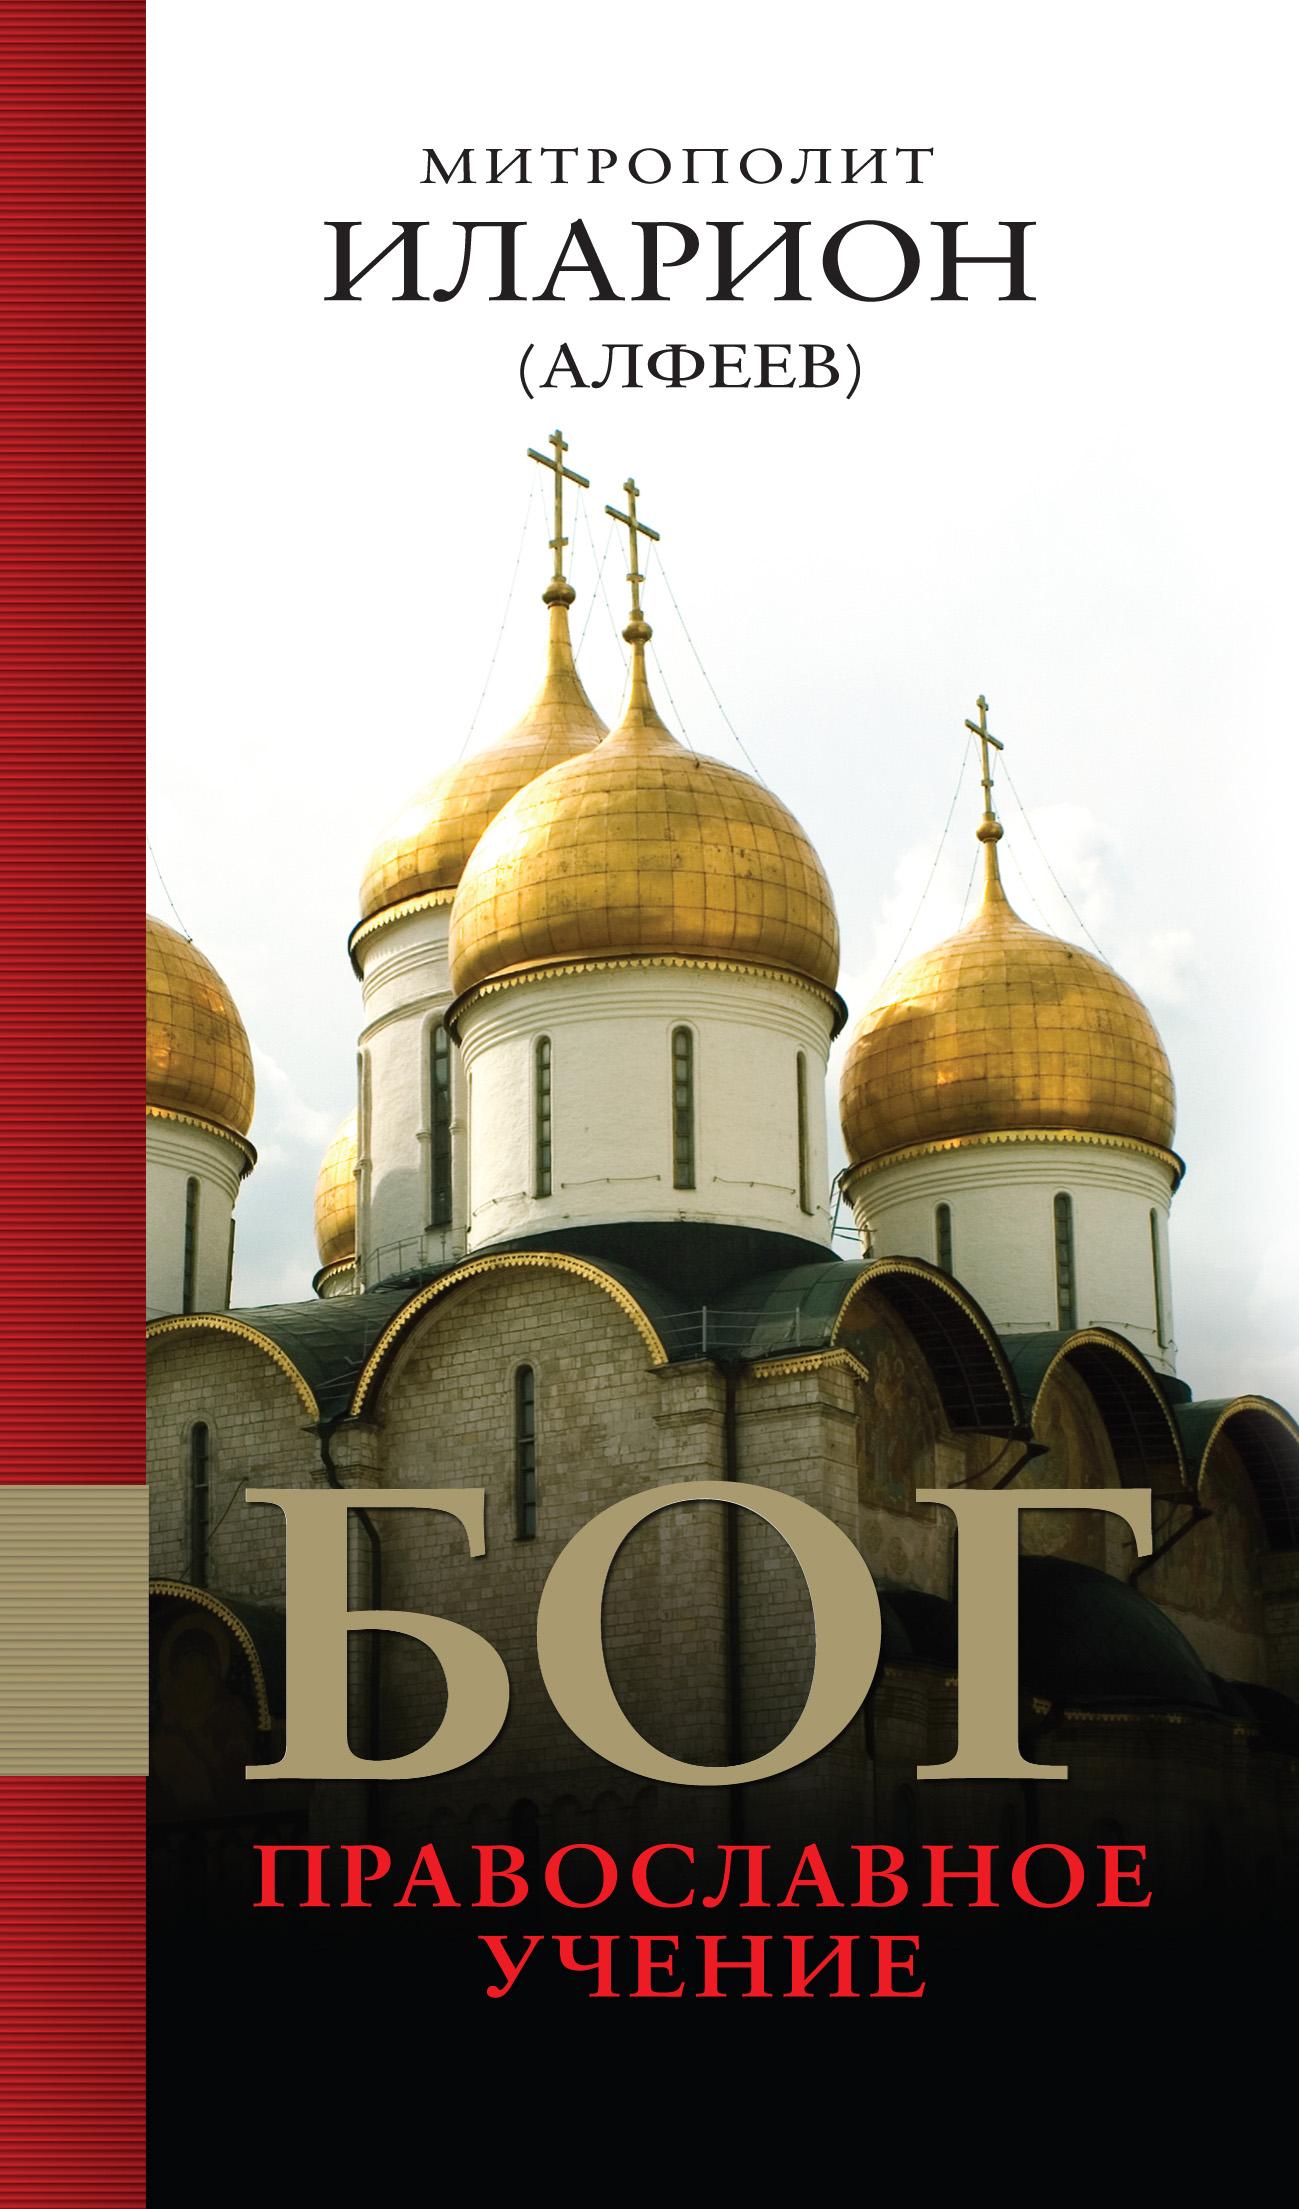 митрополит Иларион (Алфеев) Бог: Православное учение книги эксмо бог православное учение